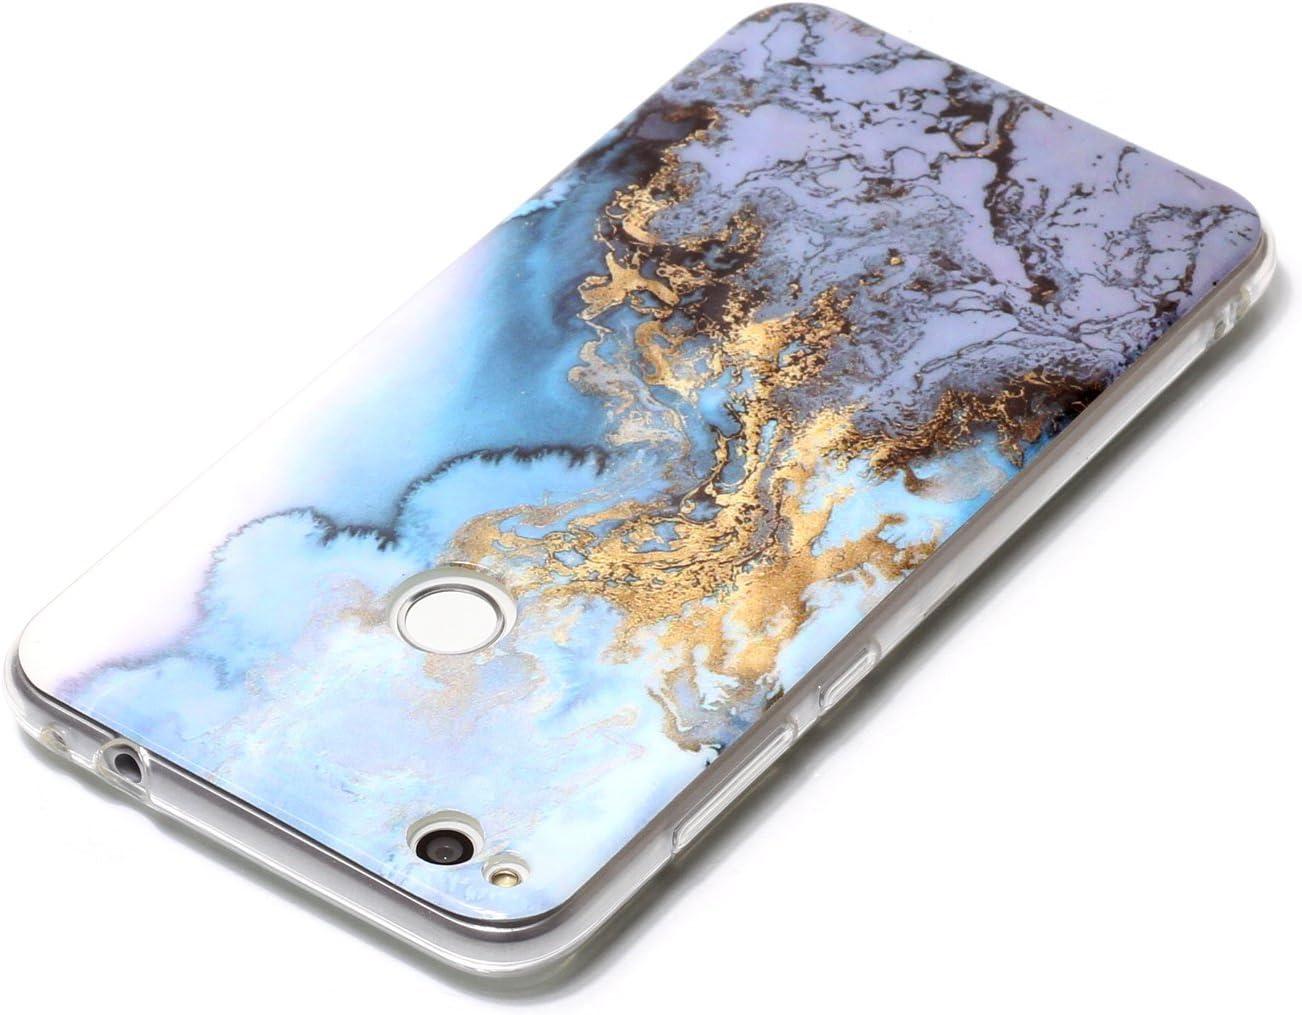 SpiritSun Funda Huawei P8 Lite 2017 Azul M/ármol Patr/ón Soft Carcasa Funda en Silicona Flexible TPU Goma Protectora Carcasa Ultra Delgado y Ligero Suave Cubierta Parachoques Gris Oro